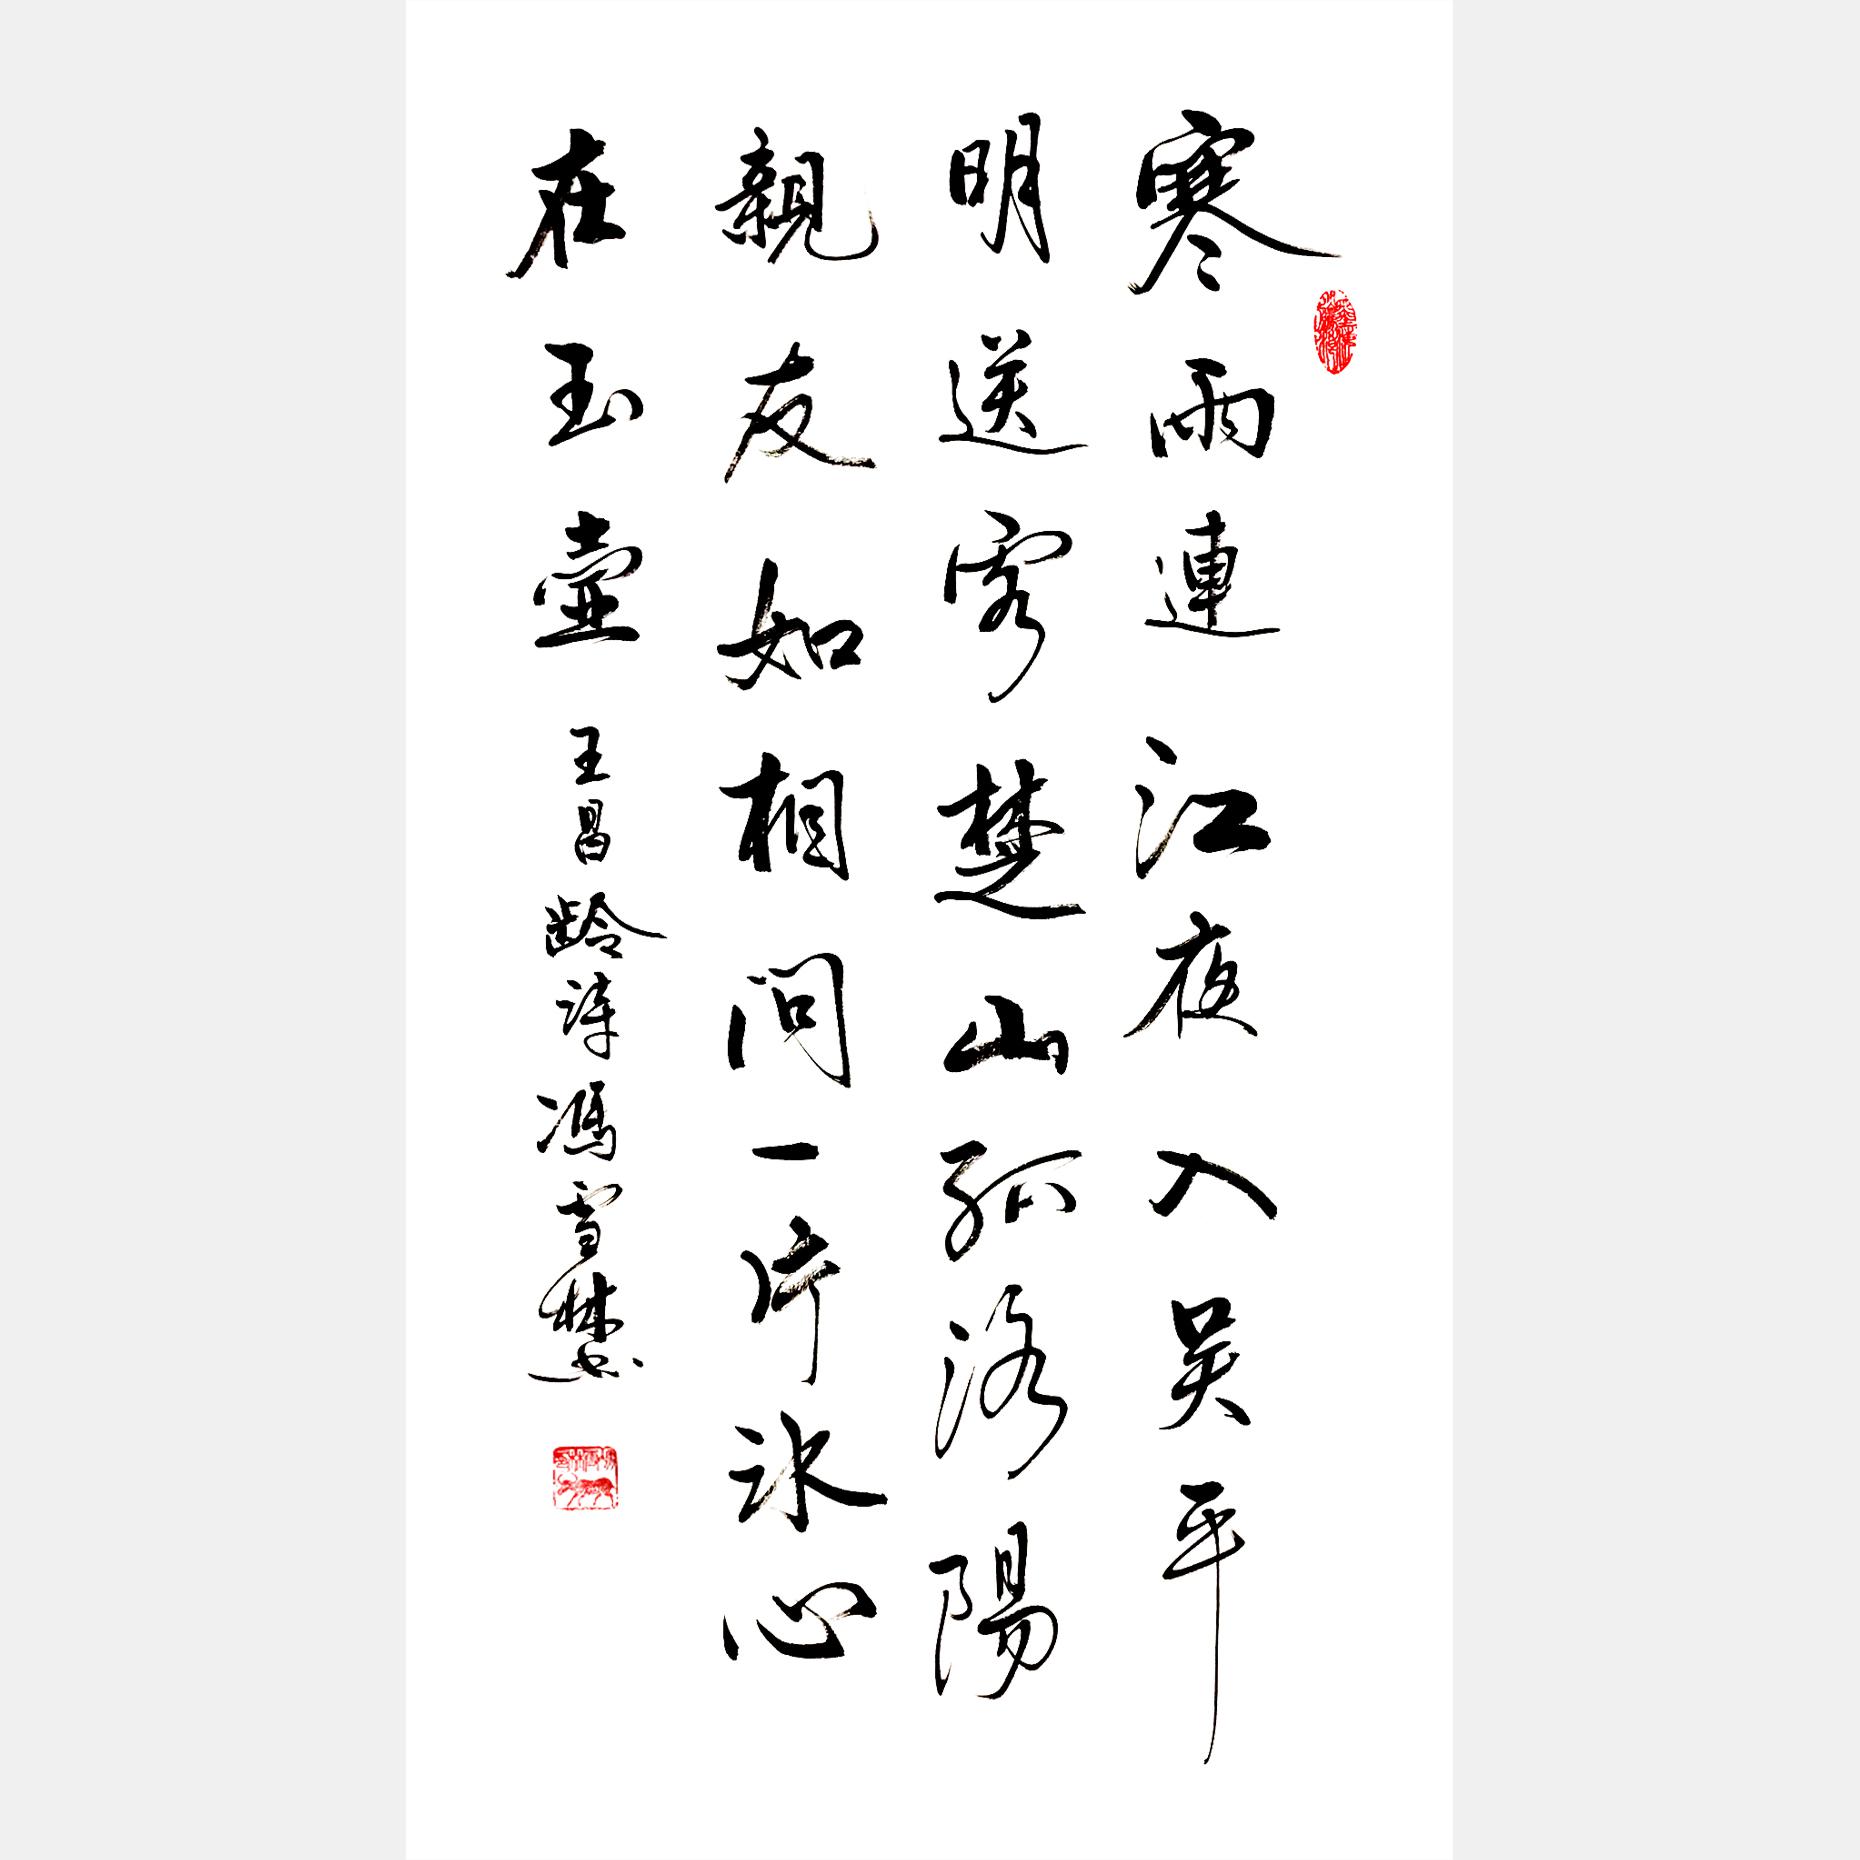 王昌龄《芙蓉楼送辛渐》行书书法作品 洛阳亲友如相问,一片冰心在玉壶。